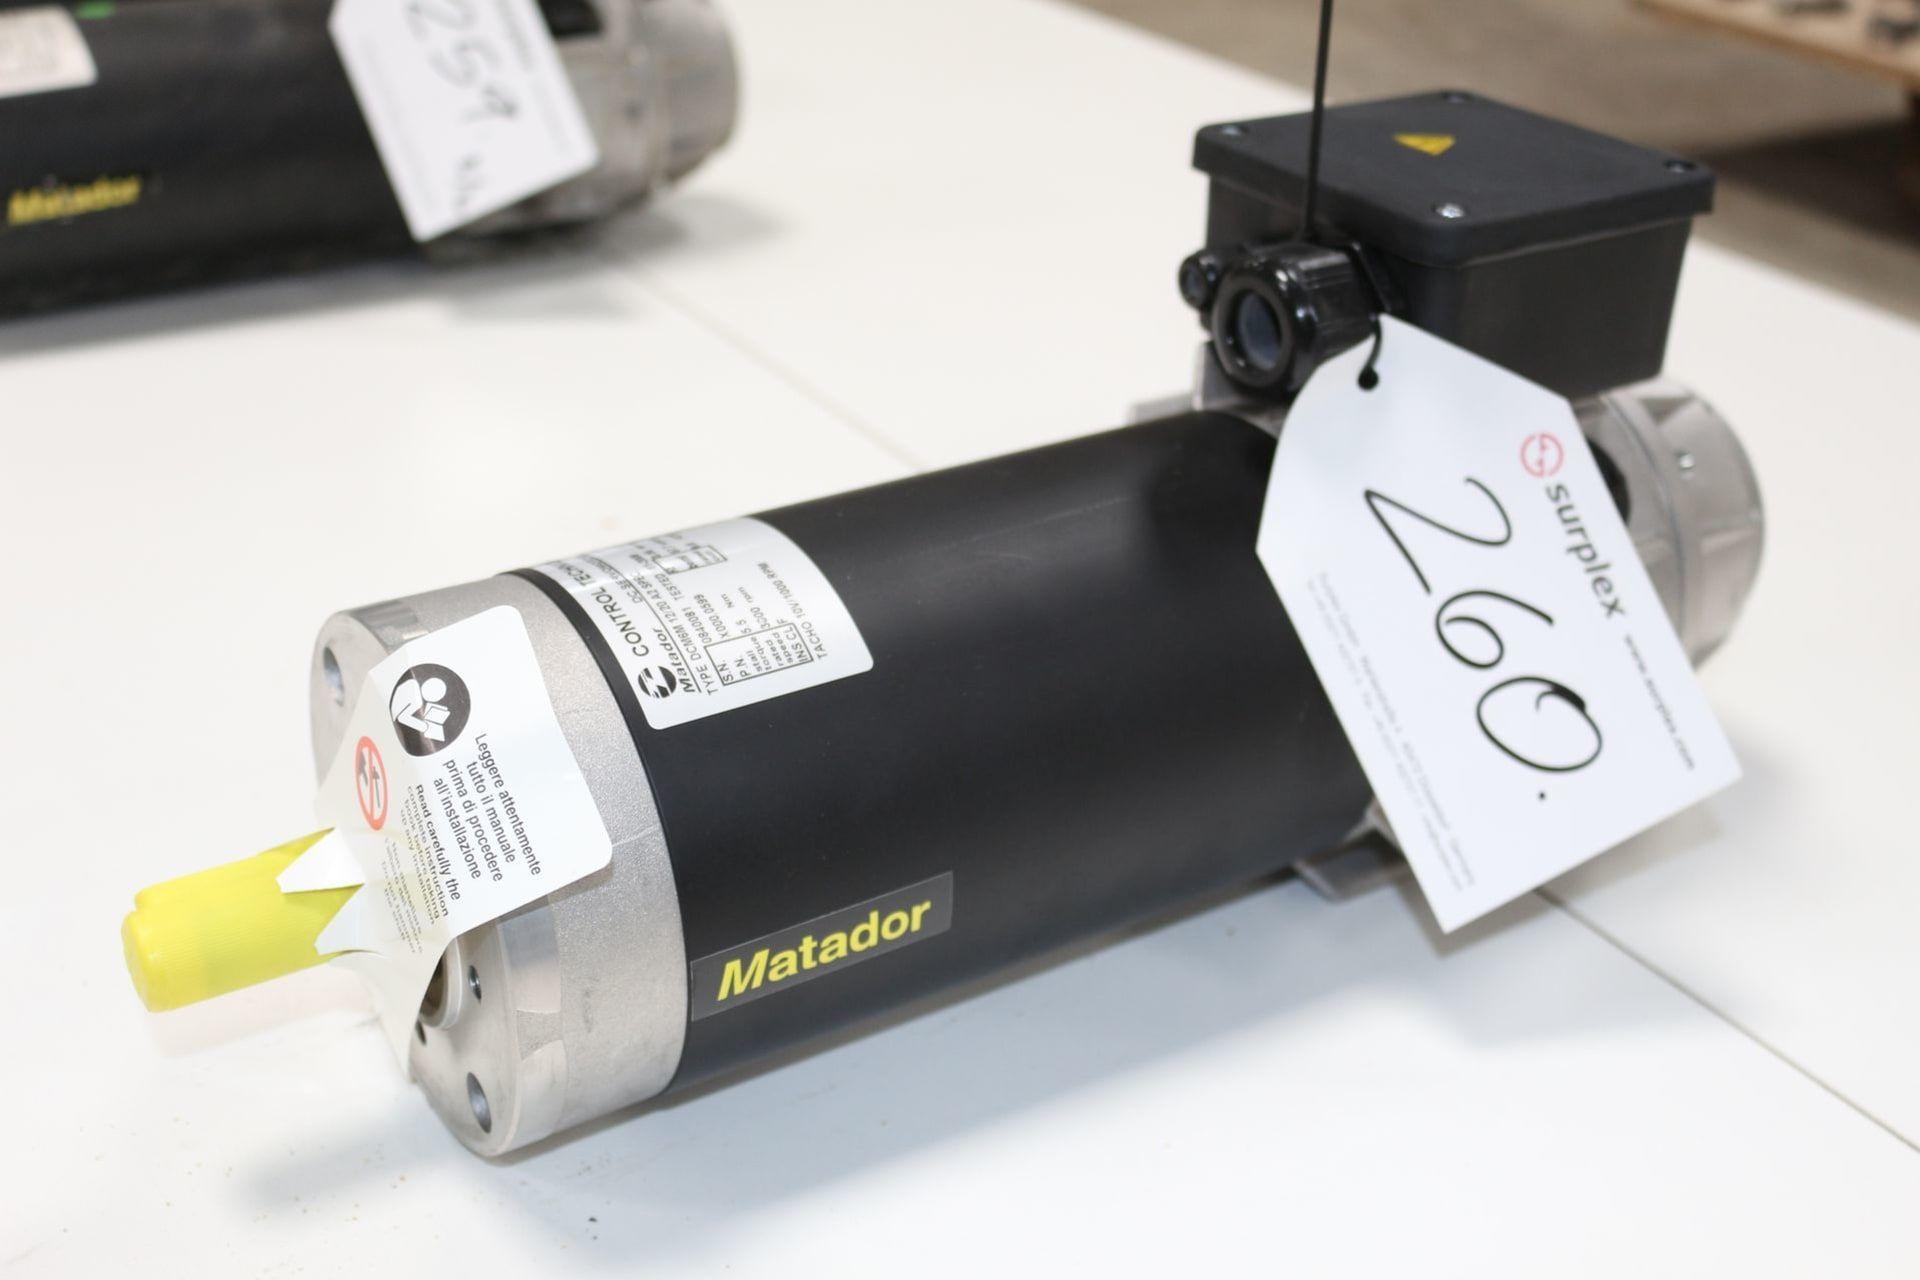 MATADOR DCM 6 M 12 20 A 2 Servomotor